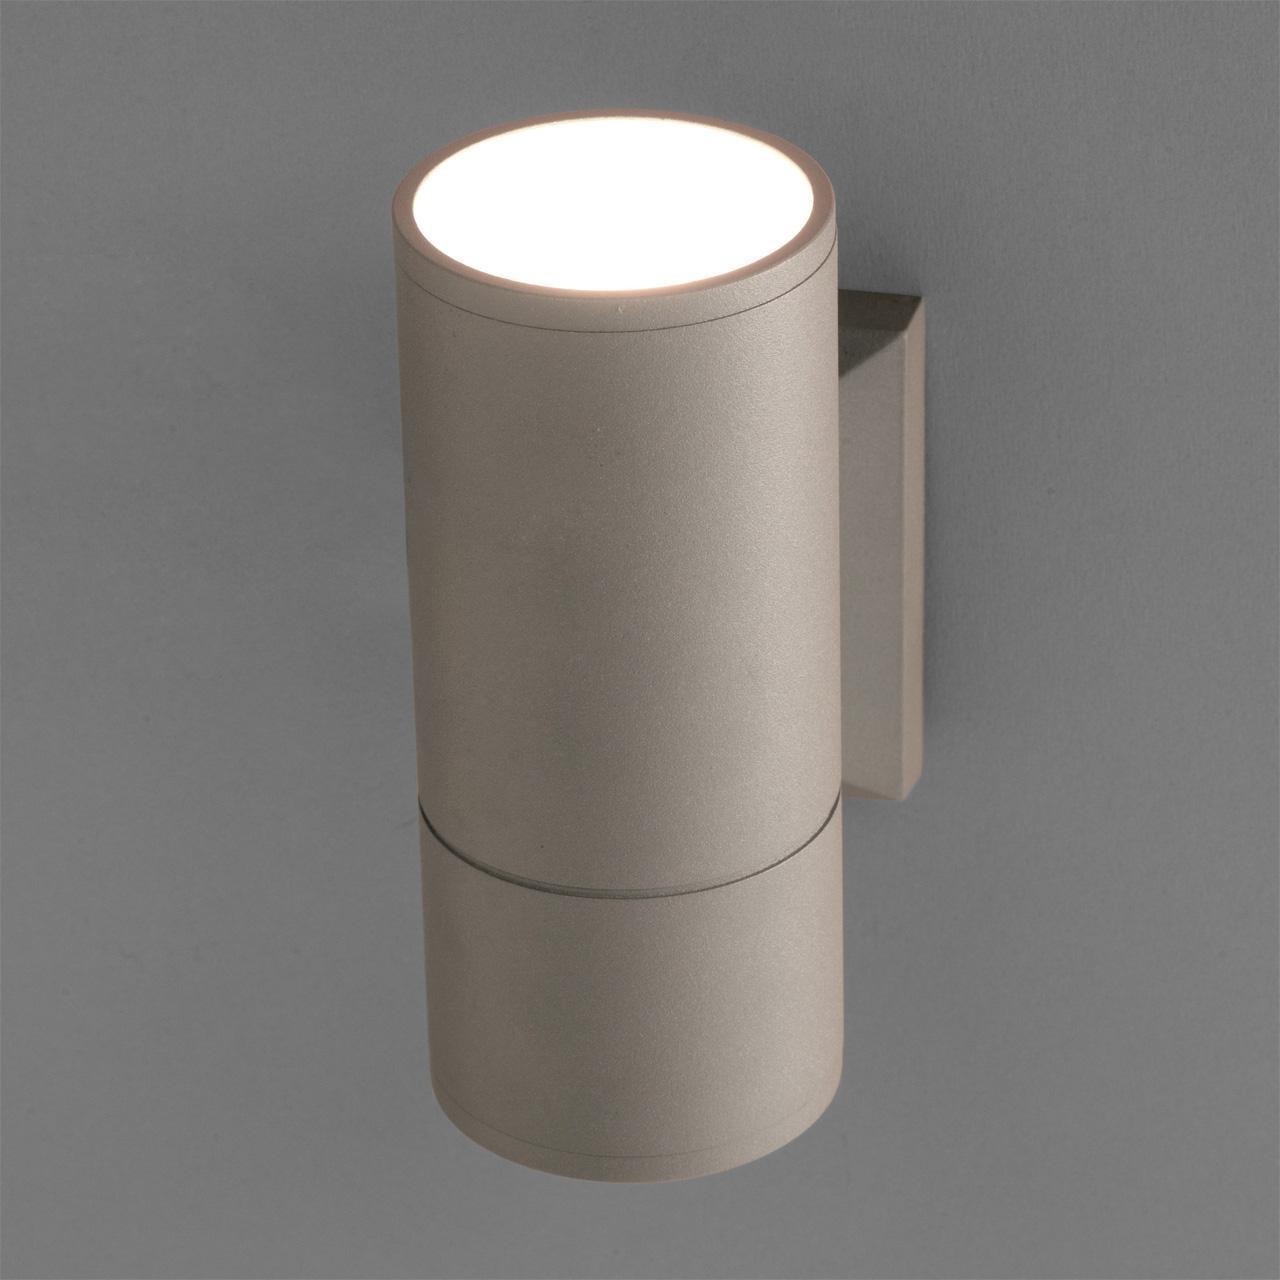 Уличный настенный светильник Nowodvorski Negro 4425 nowodvorski уличный светильник nowodvorski egro 4425